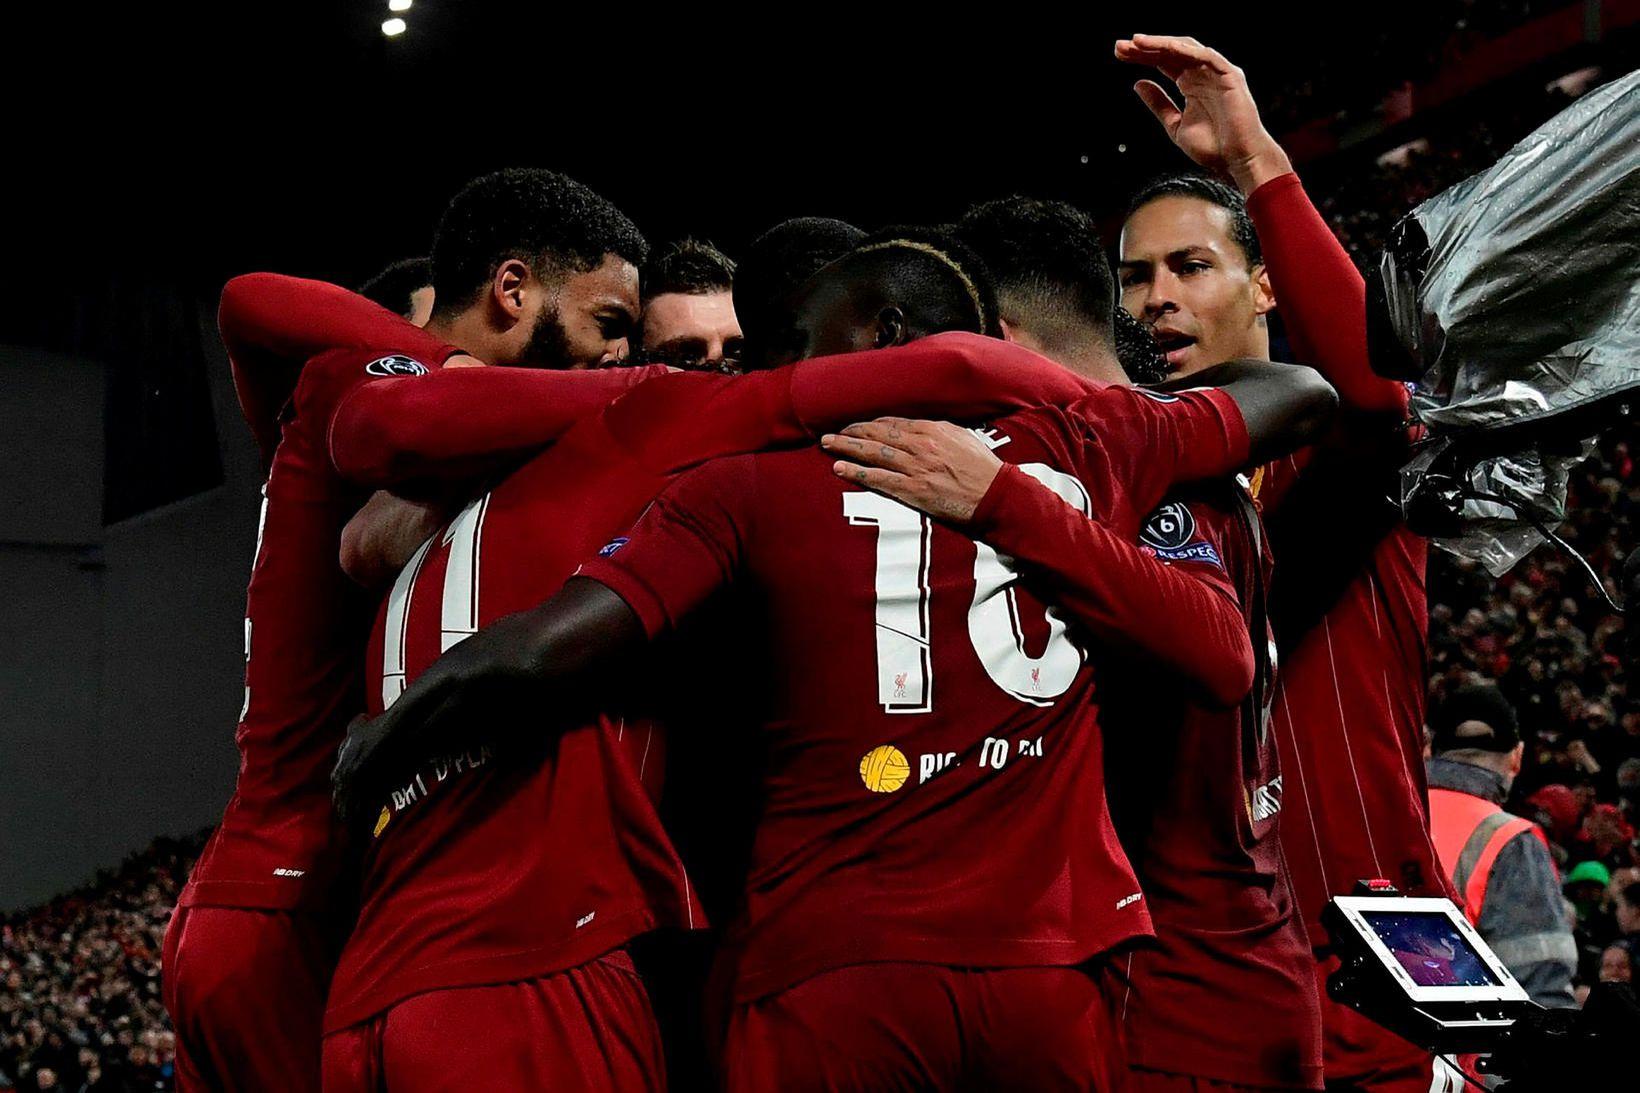 Liverpool er með 25 stiga forskot á toppi ensku úrvalsdeildarinnar.